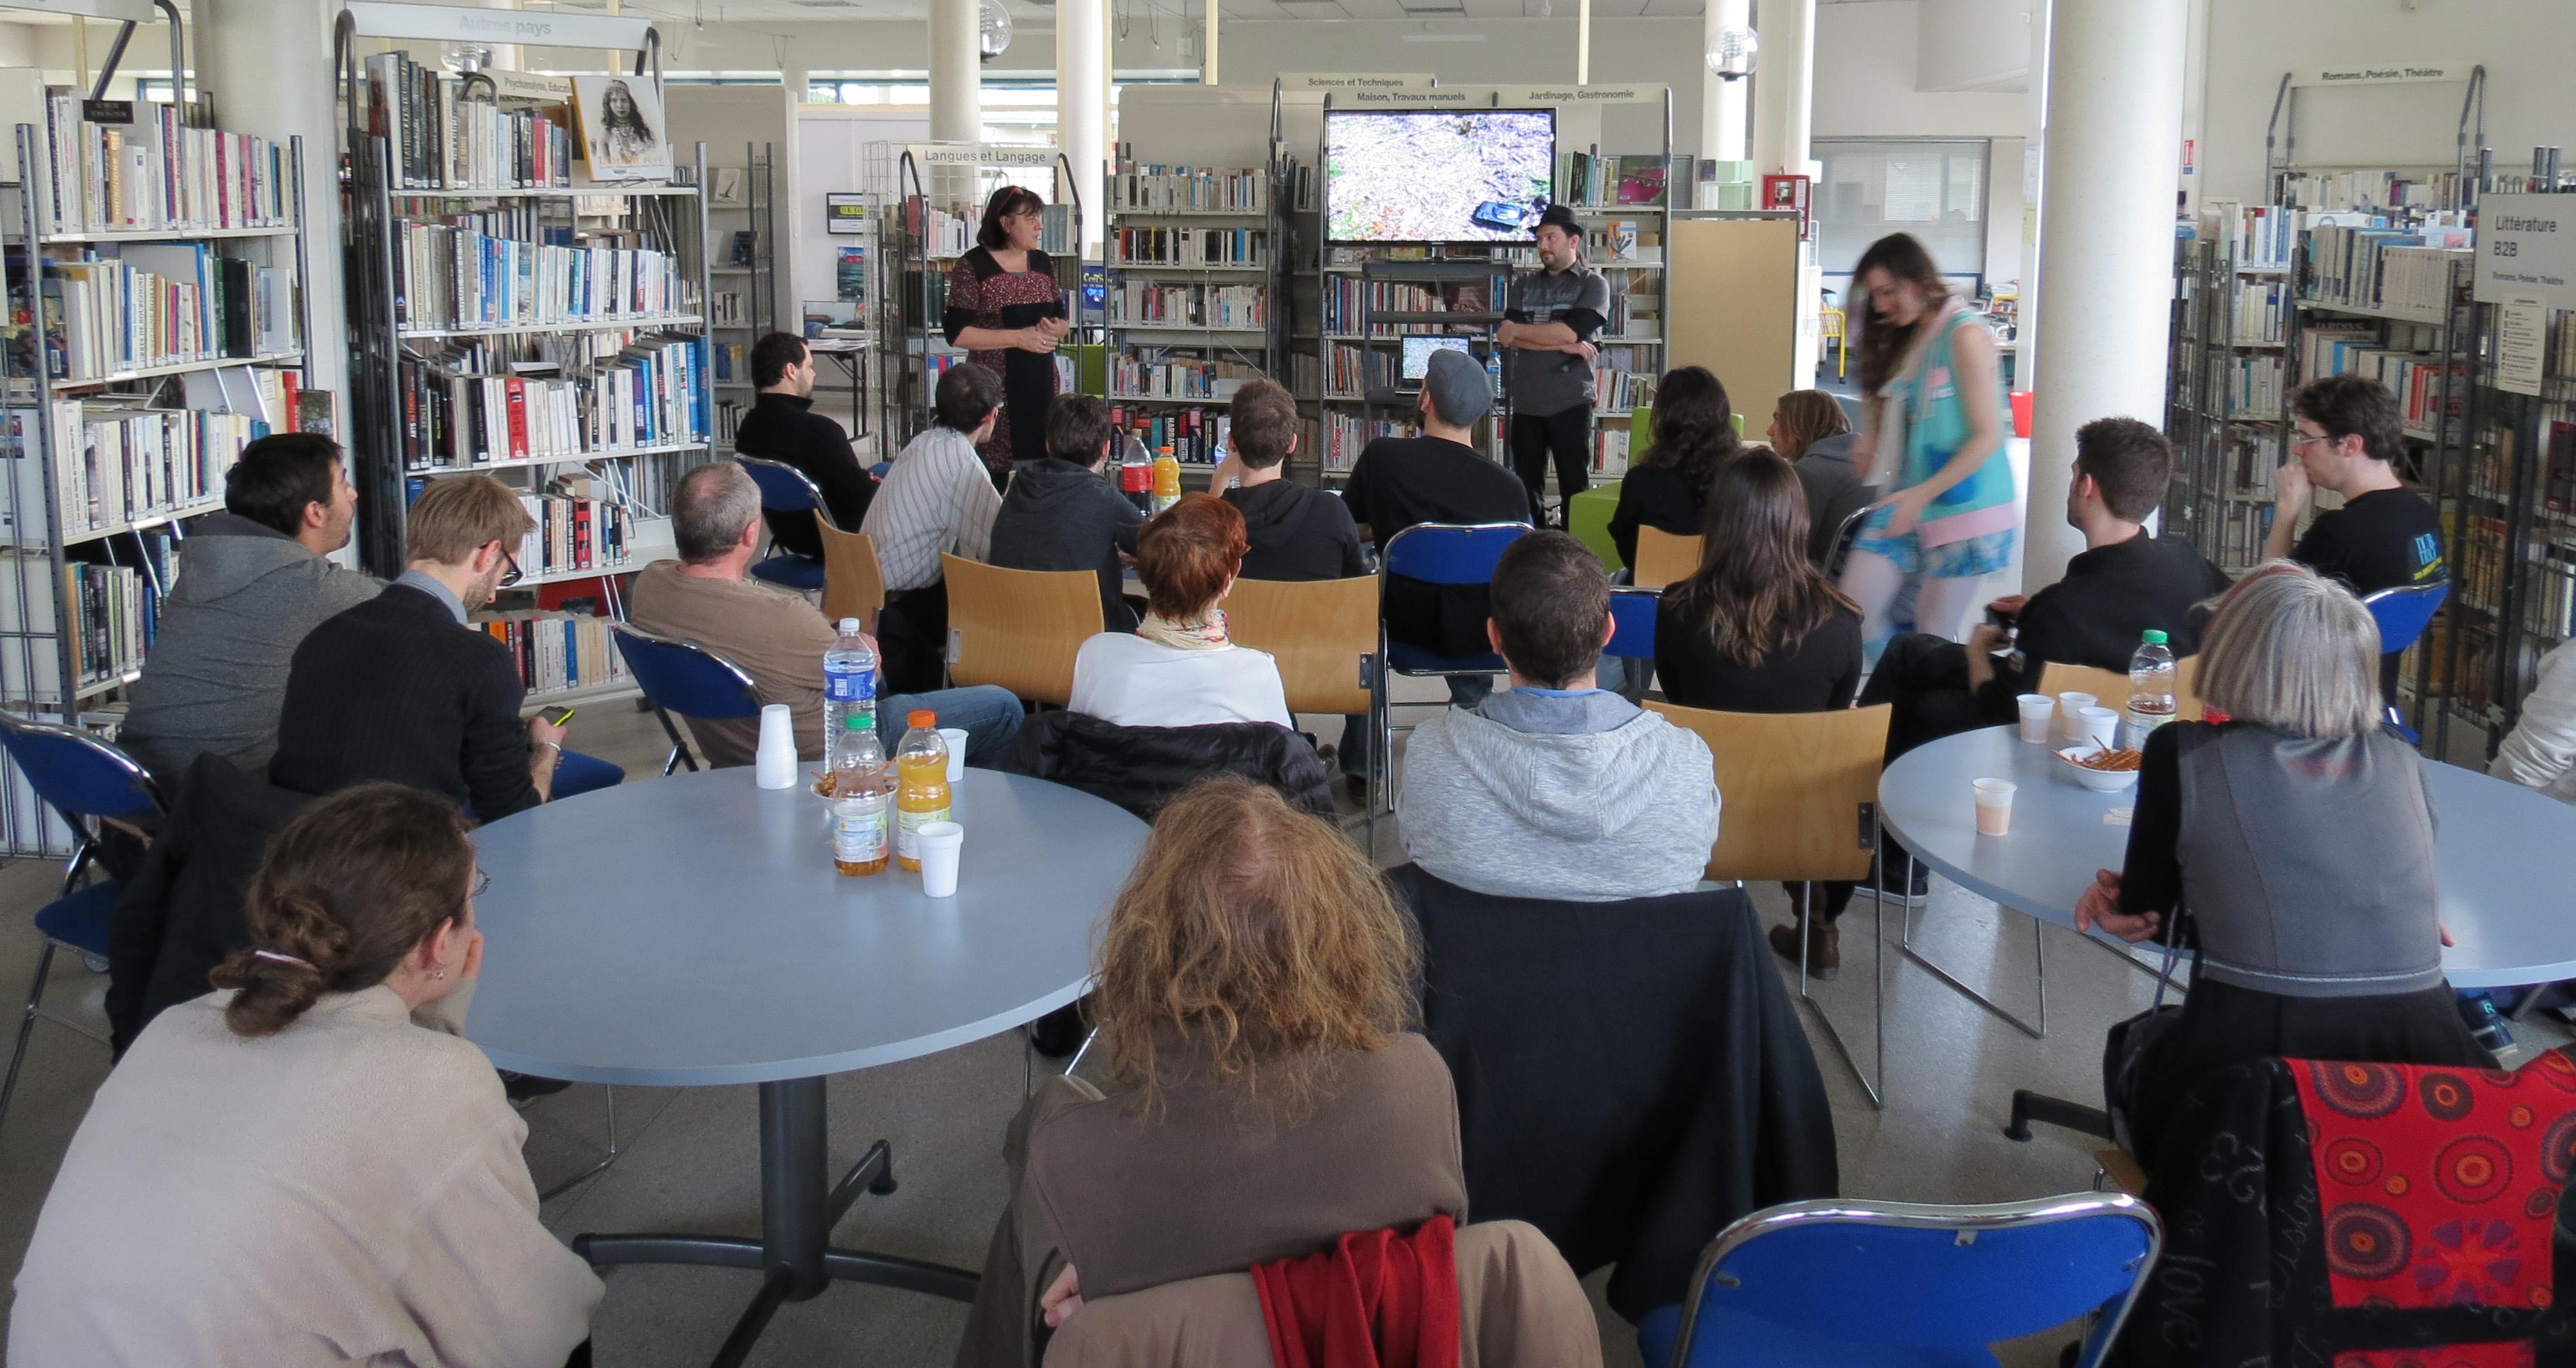 Une conférence jeu vidéo (historique du média) à la médiathèque de St Apollinaire